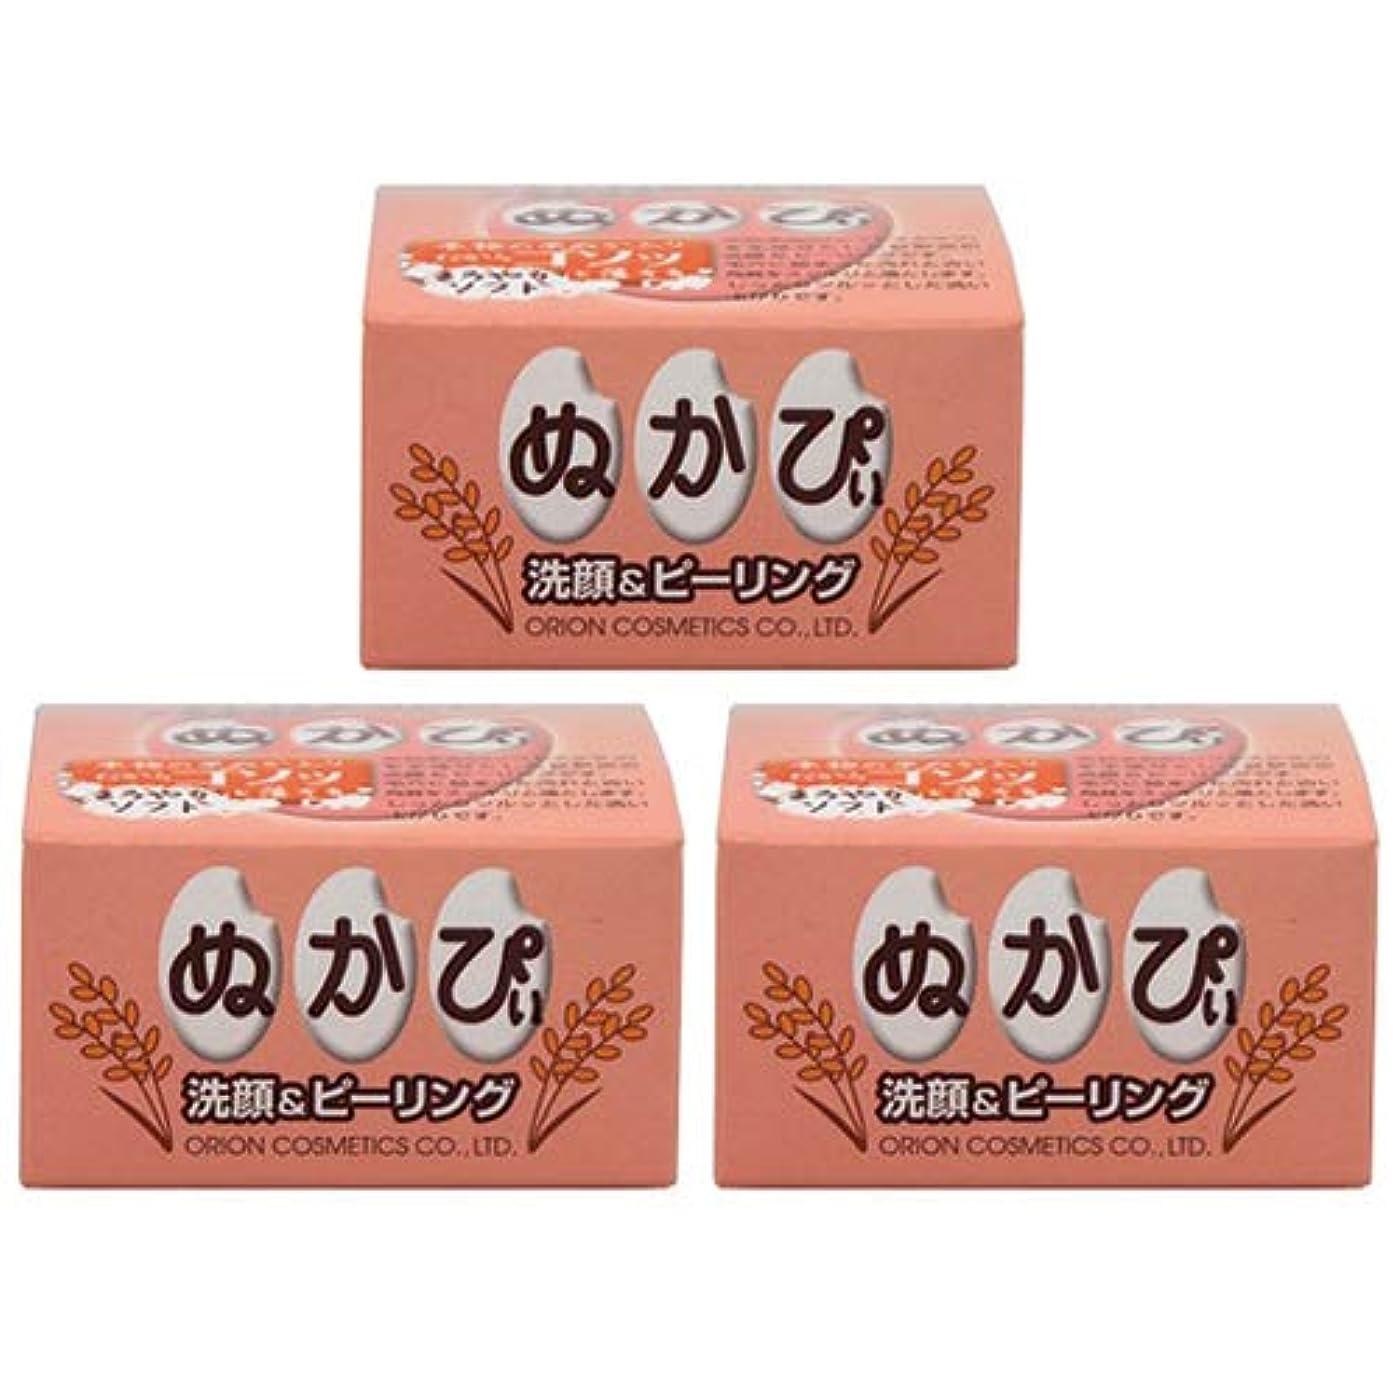 眉上院家庭米ぬか洗顔料 ぬかぴぃ (まろやかソフト) 50g×3個セット